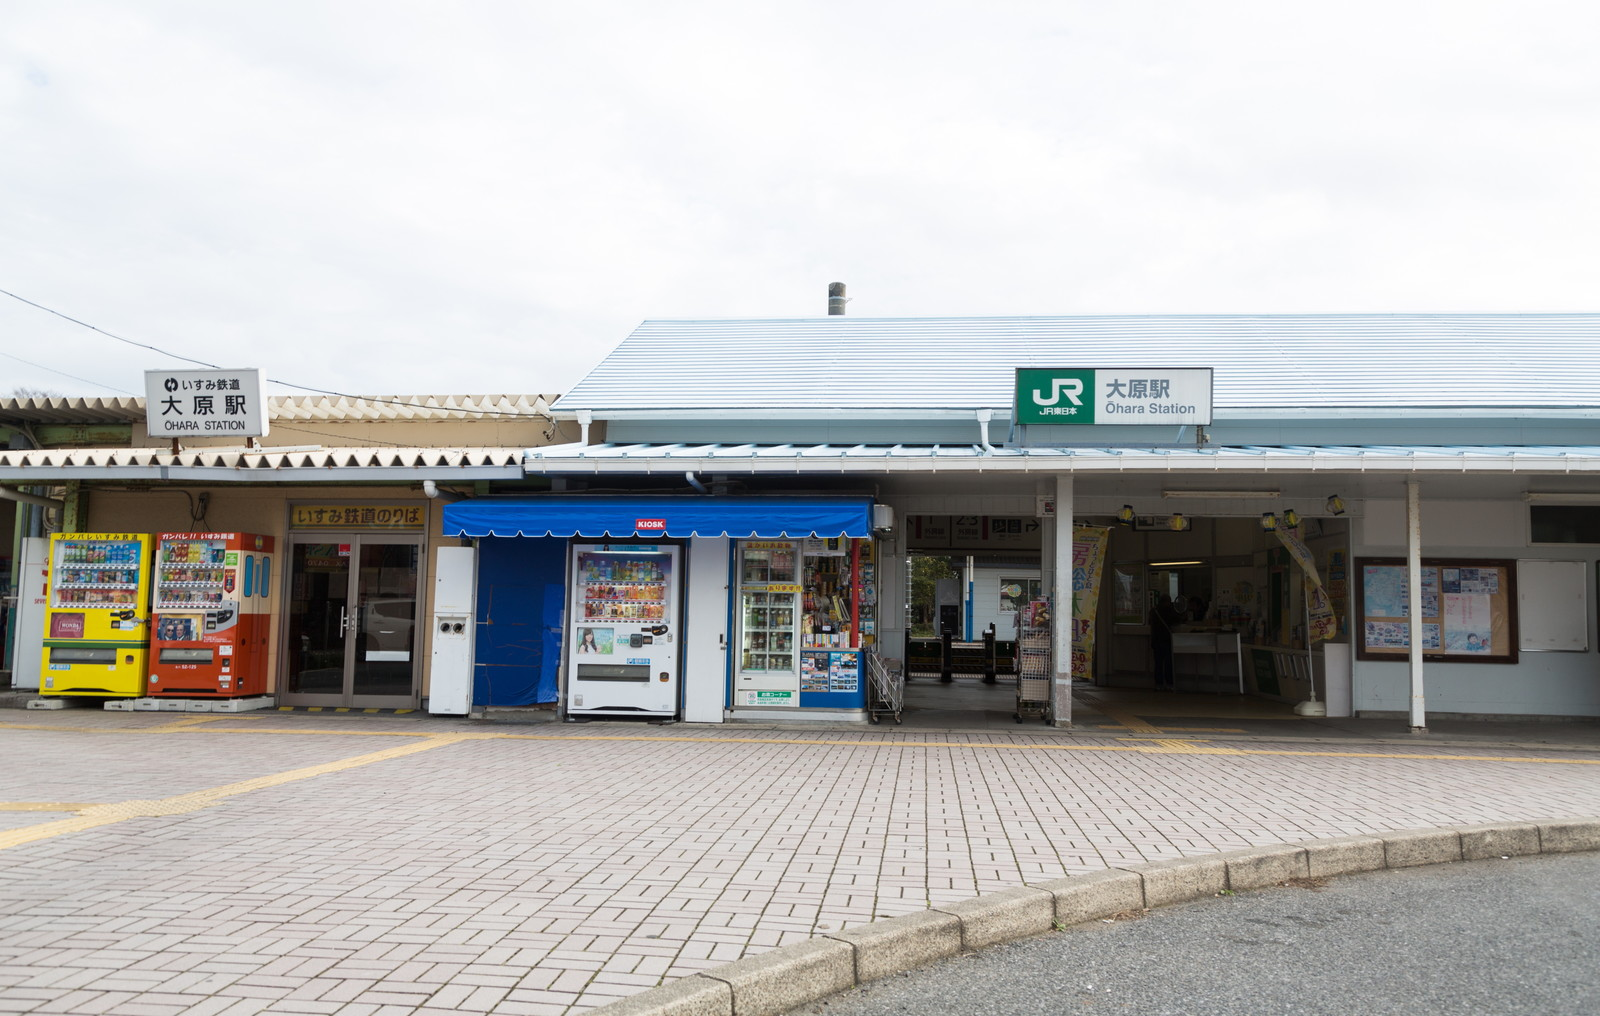 「千葉県いすみ市大原駅前(JR外房線、いすみ鉄道)」の写真